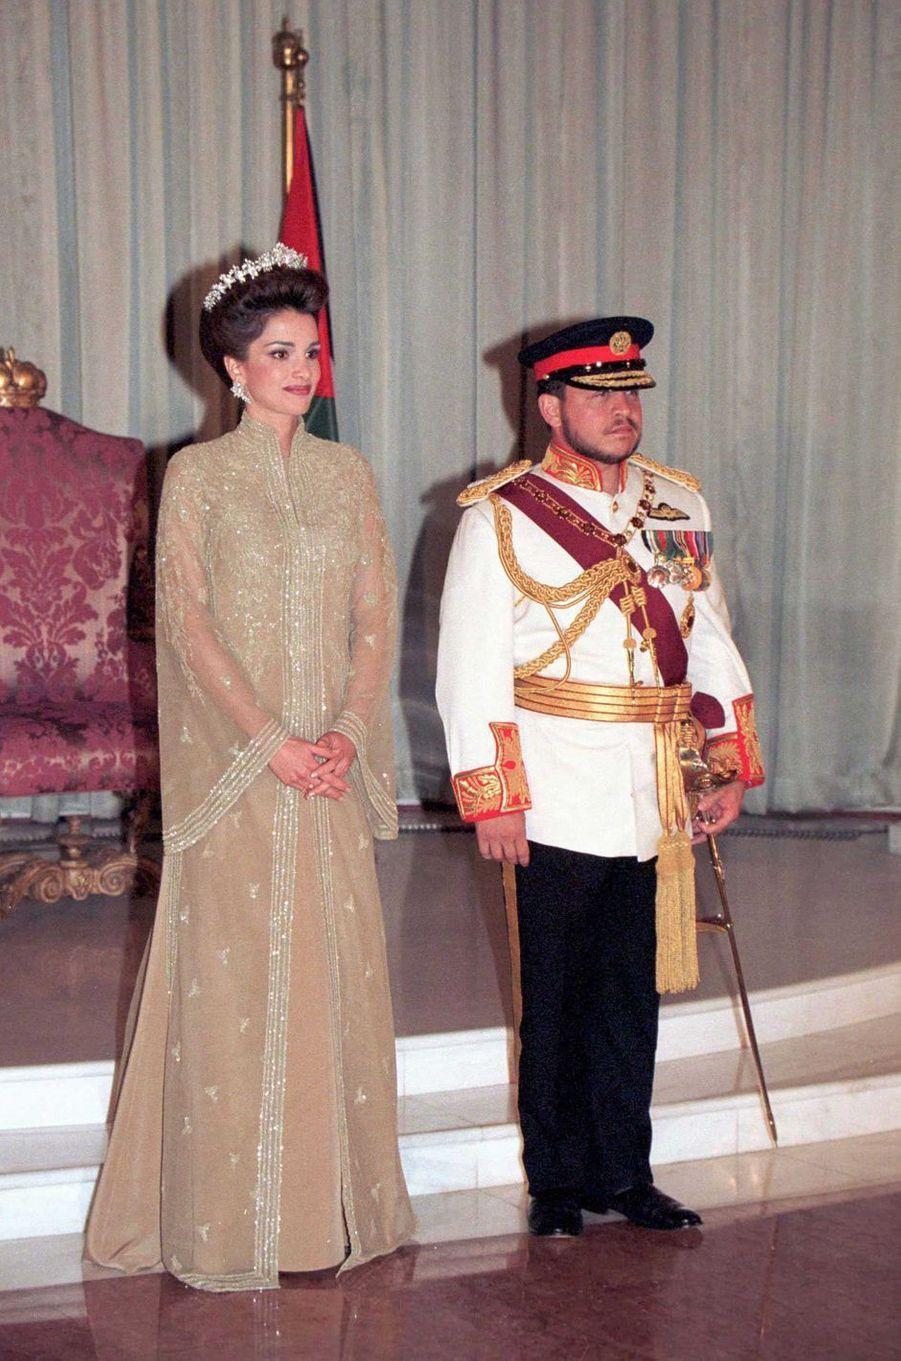 La reine Rania et le roi Abdallah II de Jordanie à Amman, le jour de l'intronisation du roi, le 9 juin 1999